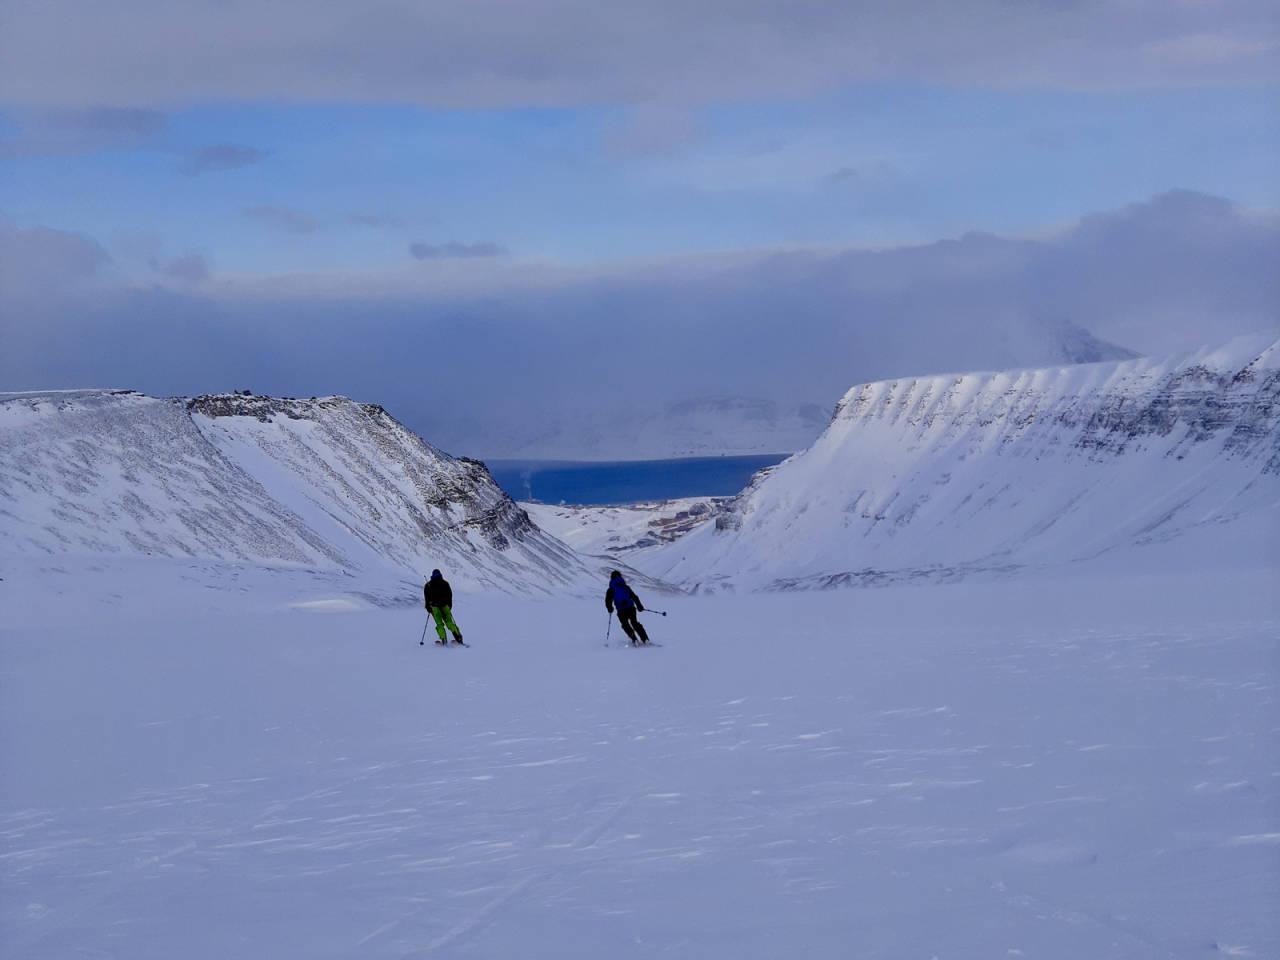 SPENNENDE TOPPTURDESTINASJON: Svalbard er en perle for seg selv når det gjelder topptur; men det krever litt planlegging om du skal på topptur på ski her. Foto: Lisa Kvålshaugen Bjærum